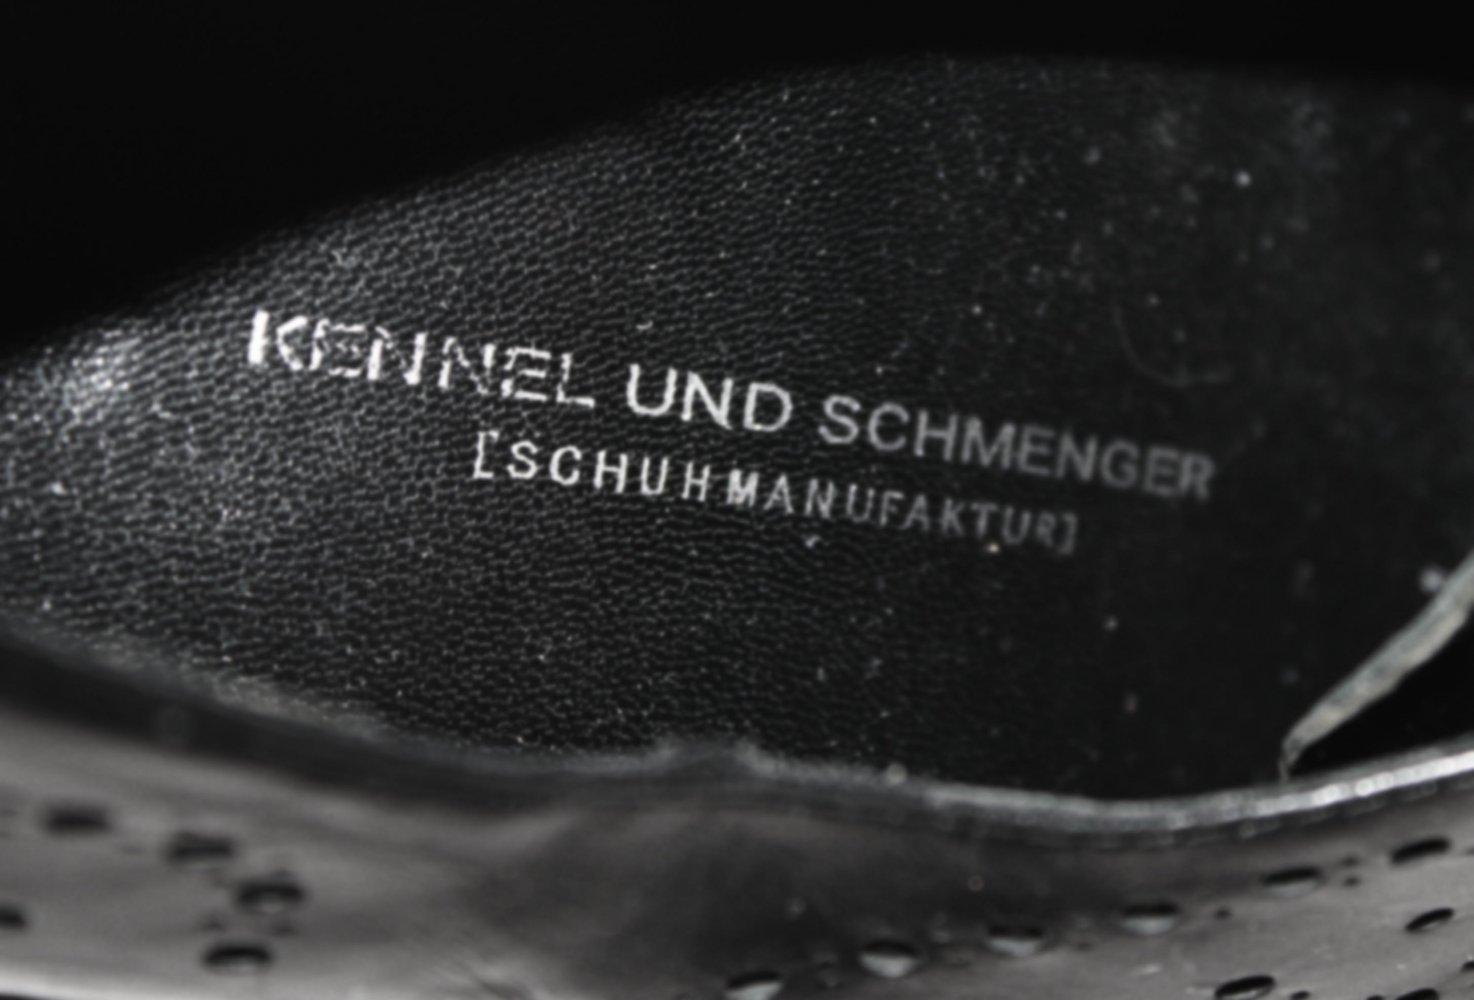 usa cheap sale pretty nice great deals K&S: hochwertige Markenschuhe, Premiumlabel, Budapester, Halbschuhe,  Schnürer, leicht spitz, rar, Lochmuster, Größe 5